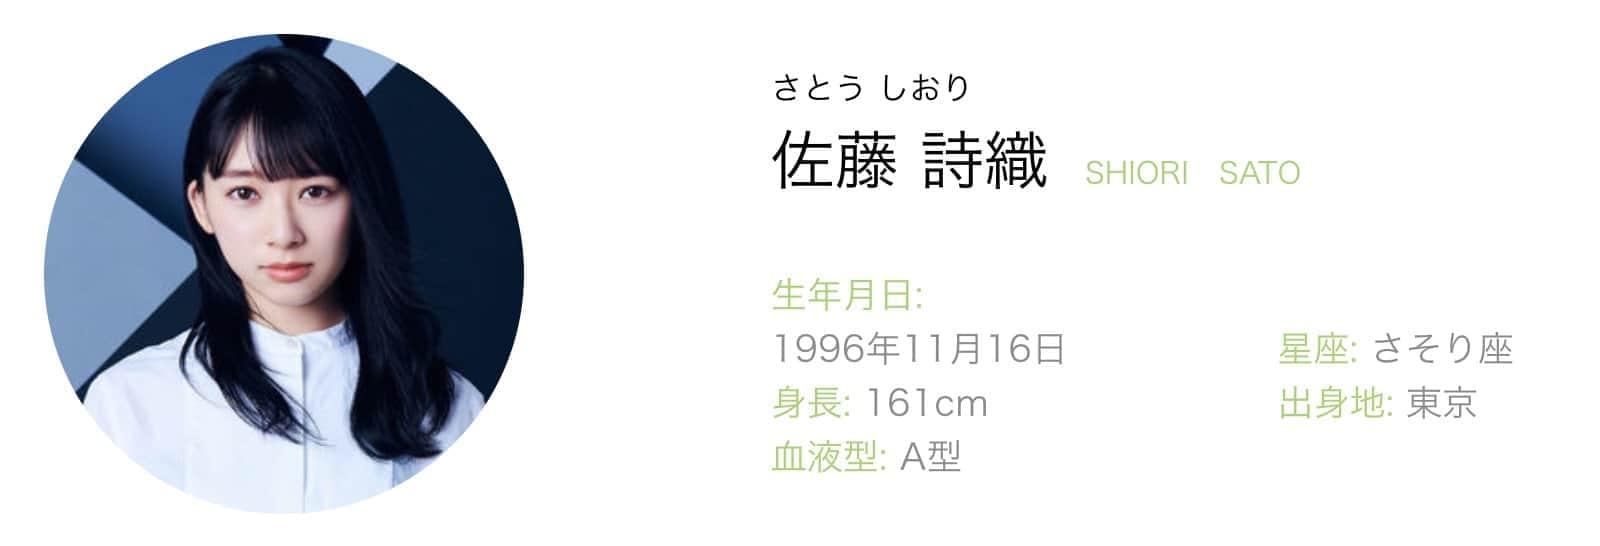 スクリーンショット 2018-11-16 23.42.01